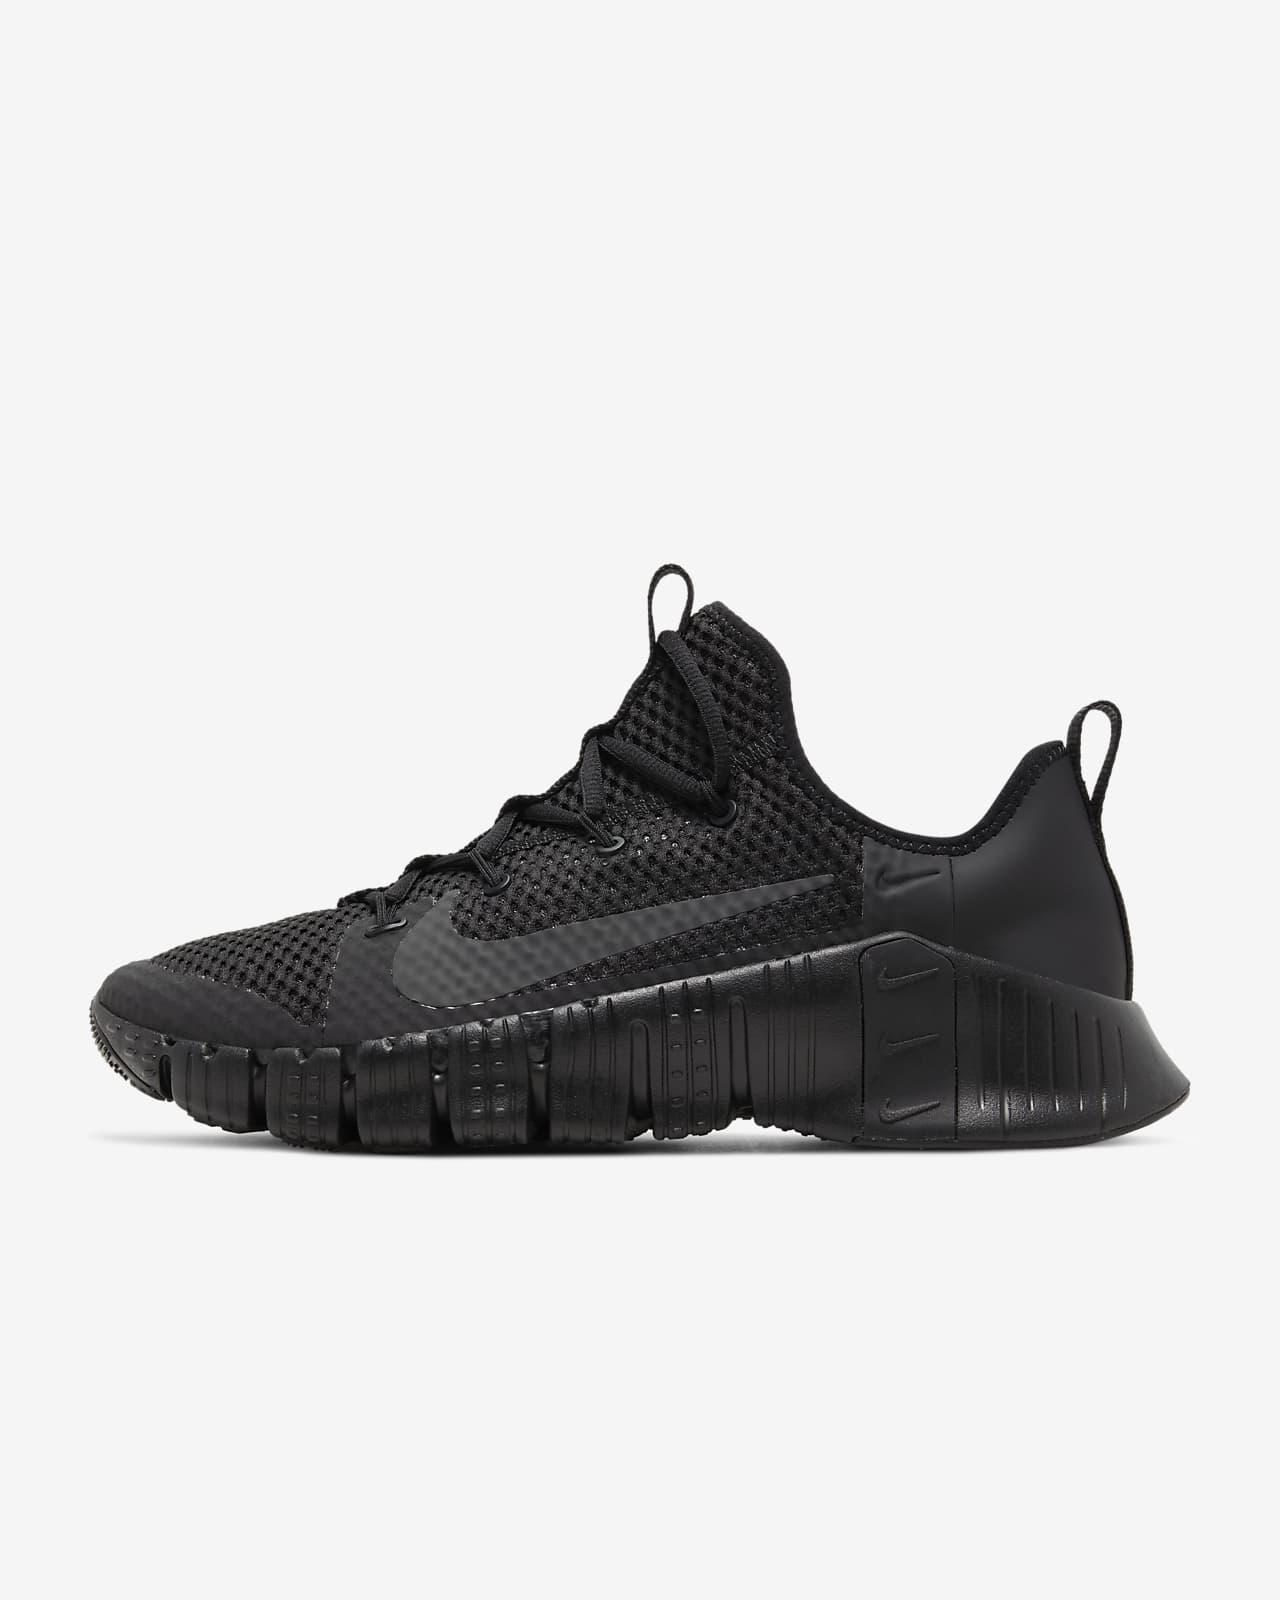 Παπούτσι προπόνησης Nike Free Metcon 3